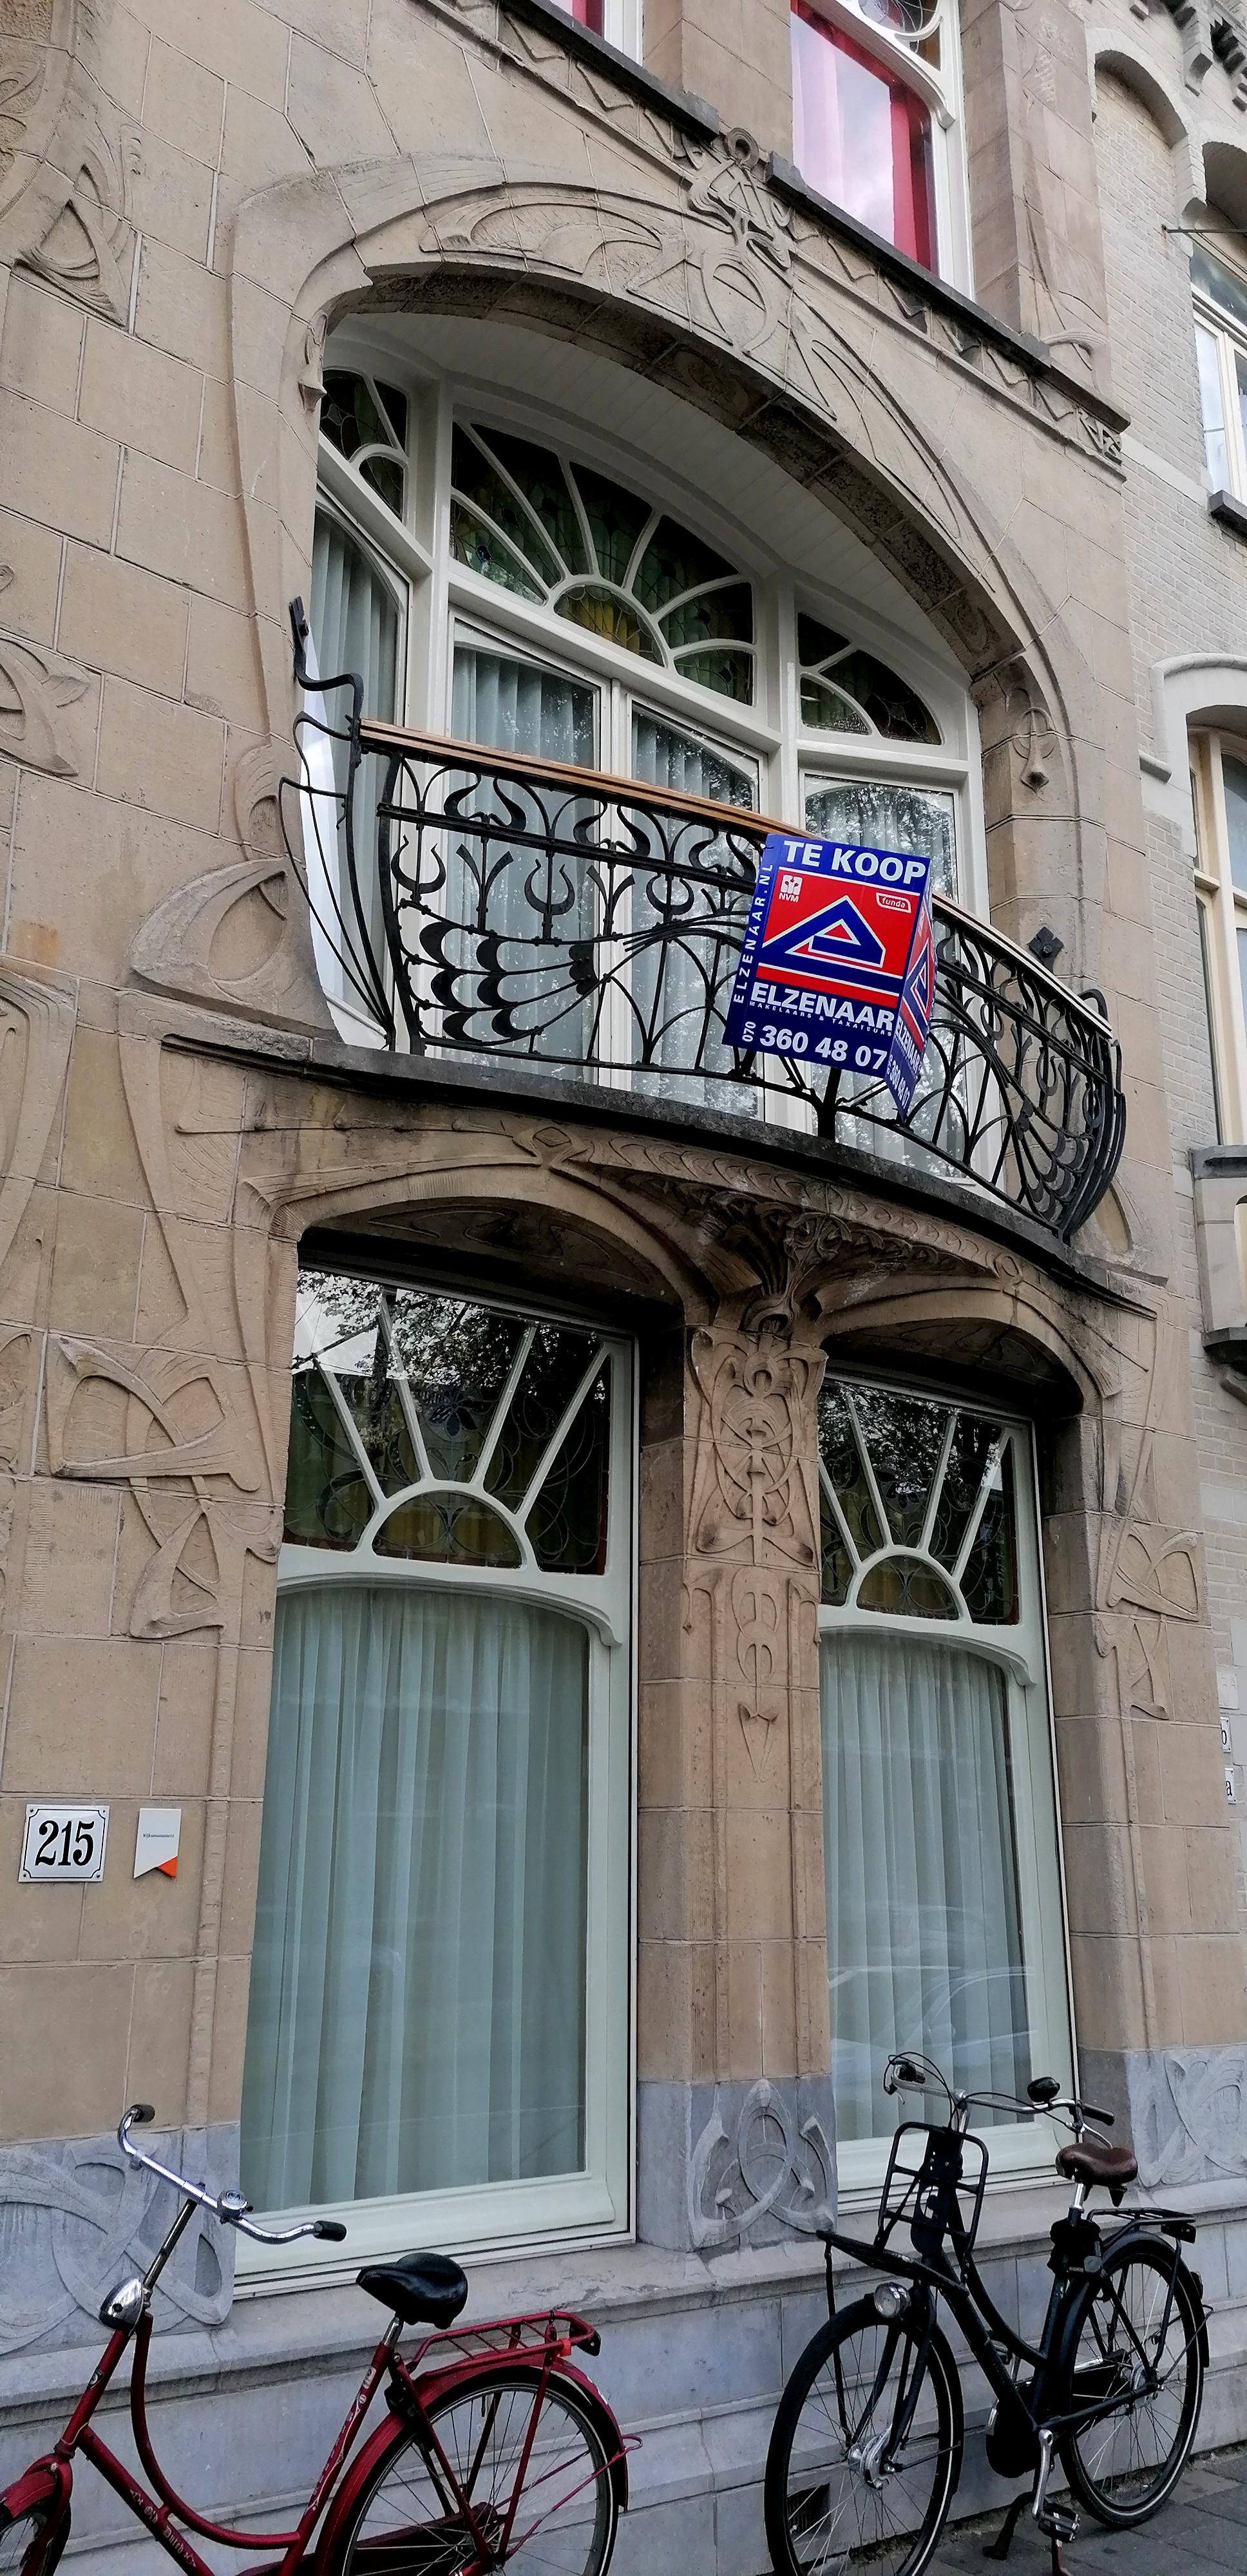 glas-in-loodramen en balkon jugendstil art nouveau huis aan Laan van Meerdervoort nr. 215 Den Haag